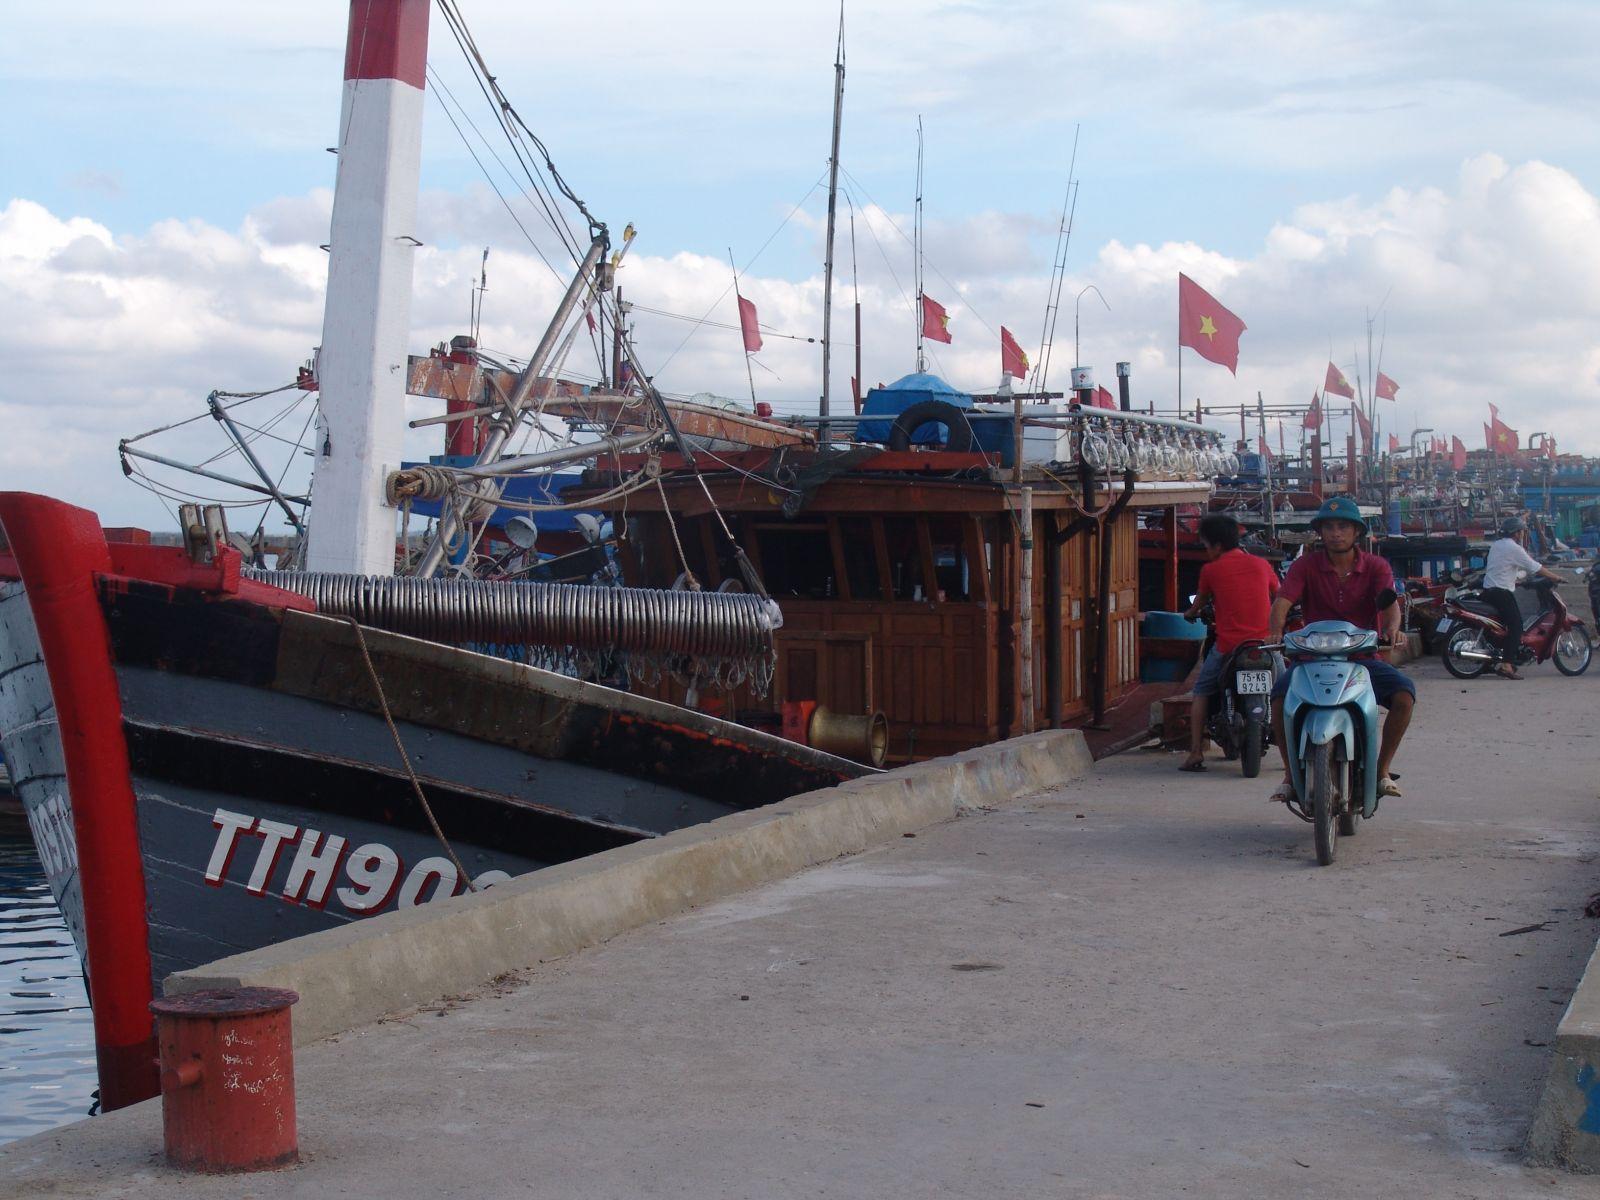 Từ 14 giờ ngày mai (27/12), nghiêm cấm tàu, thuyền ra khơi